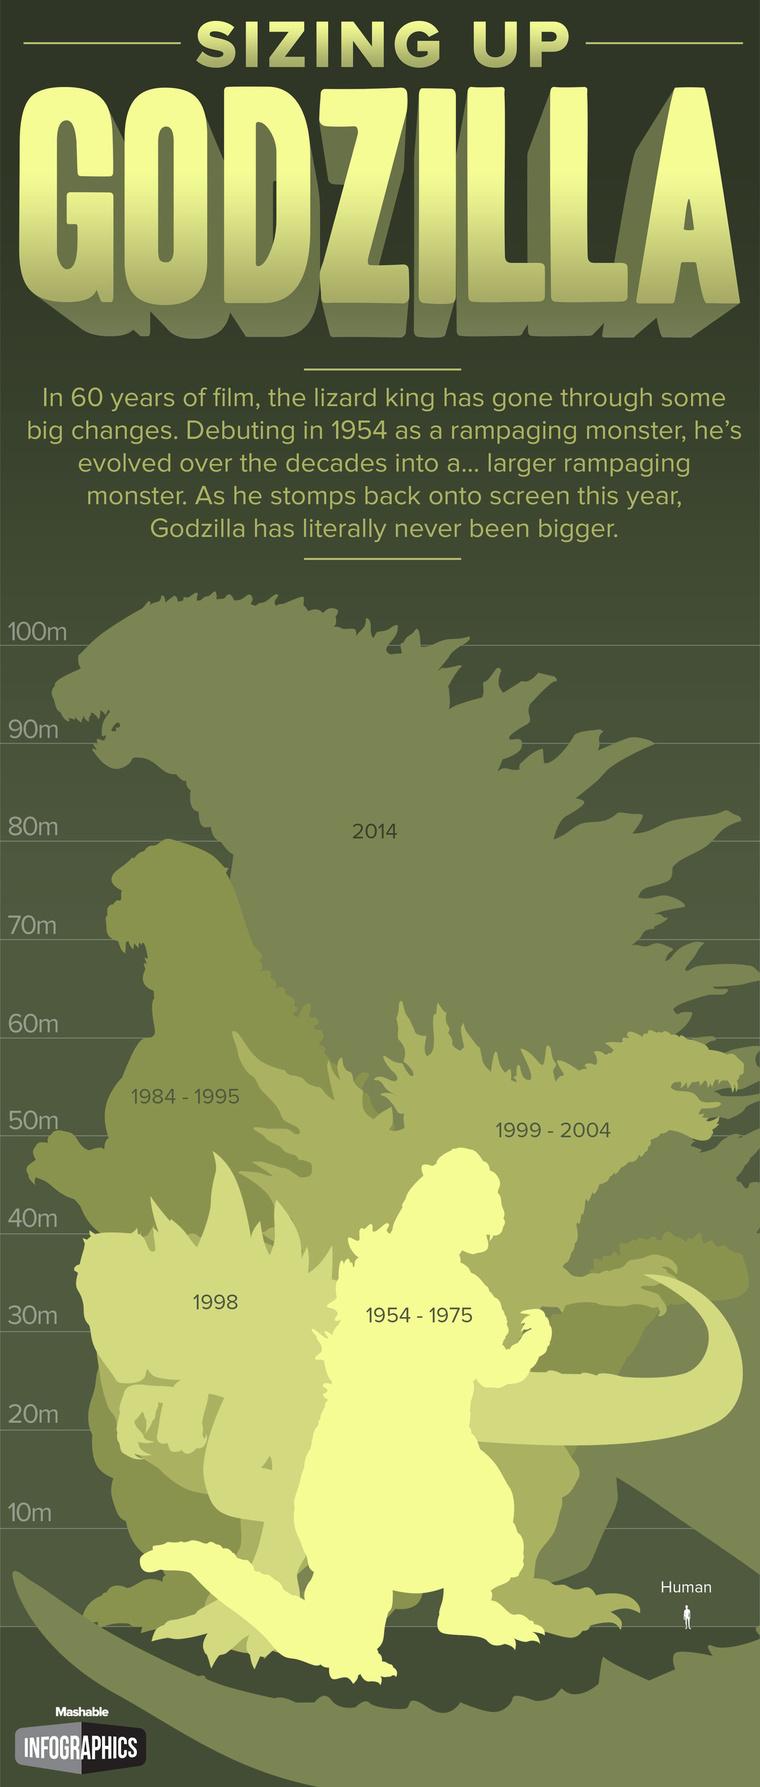 Godzilla-Infographic